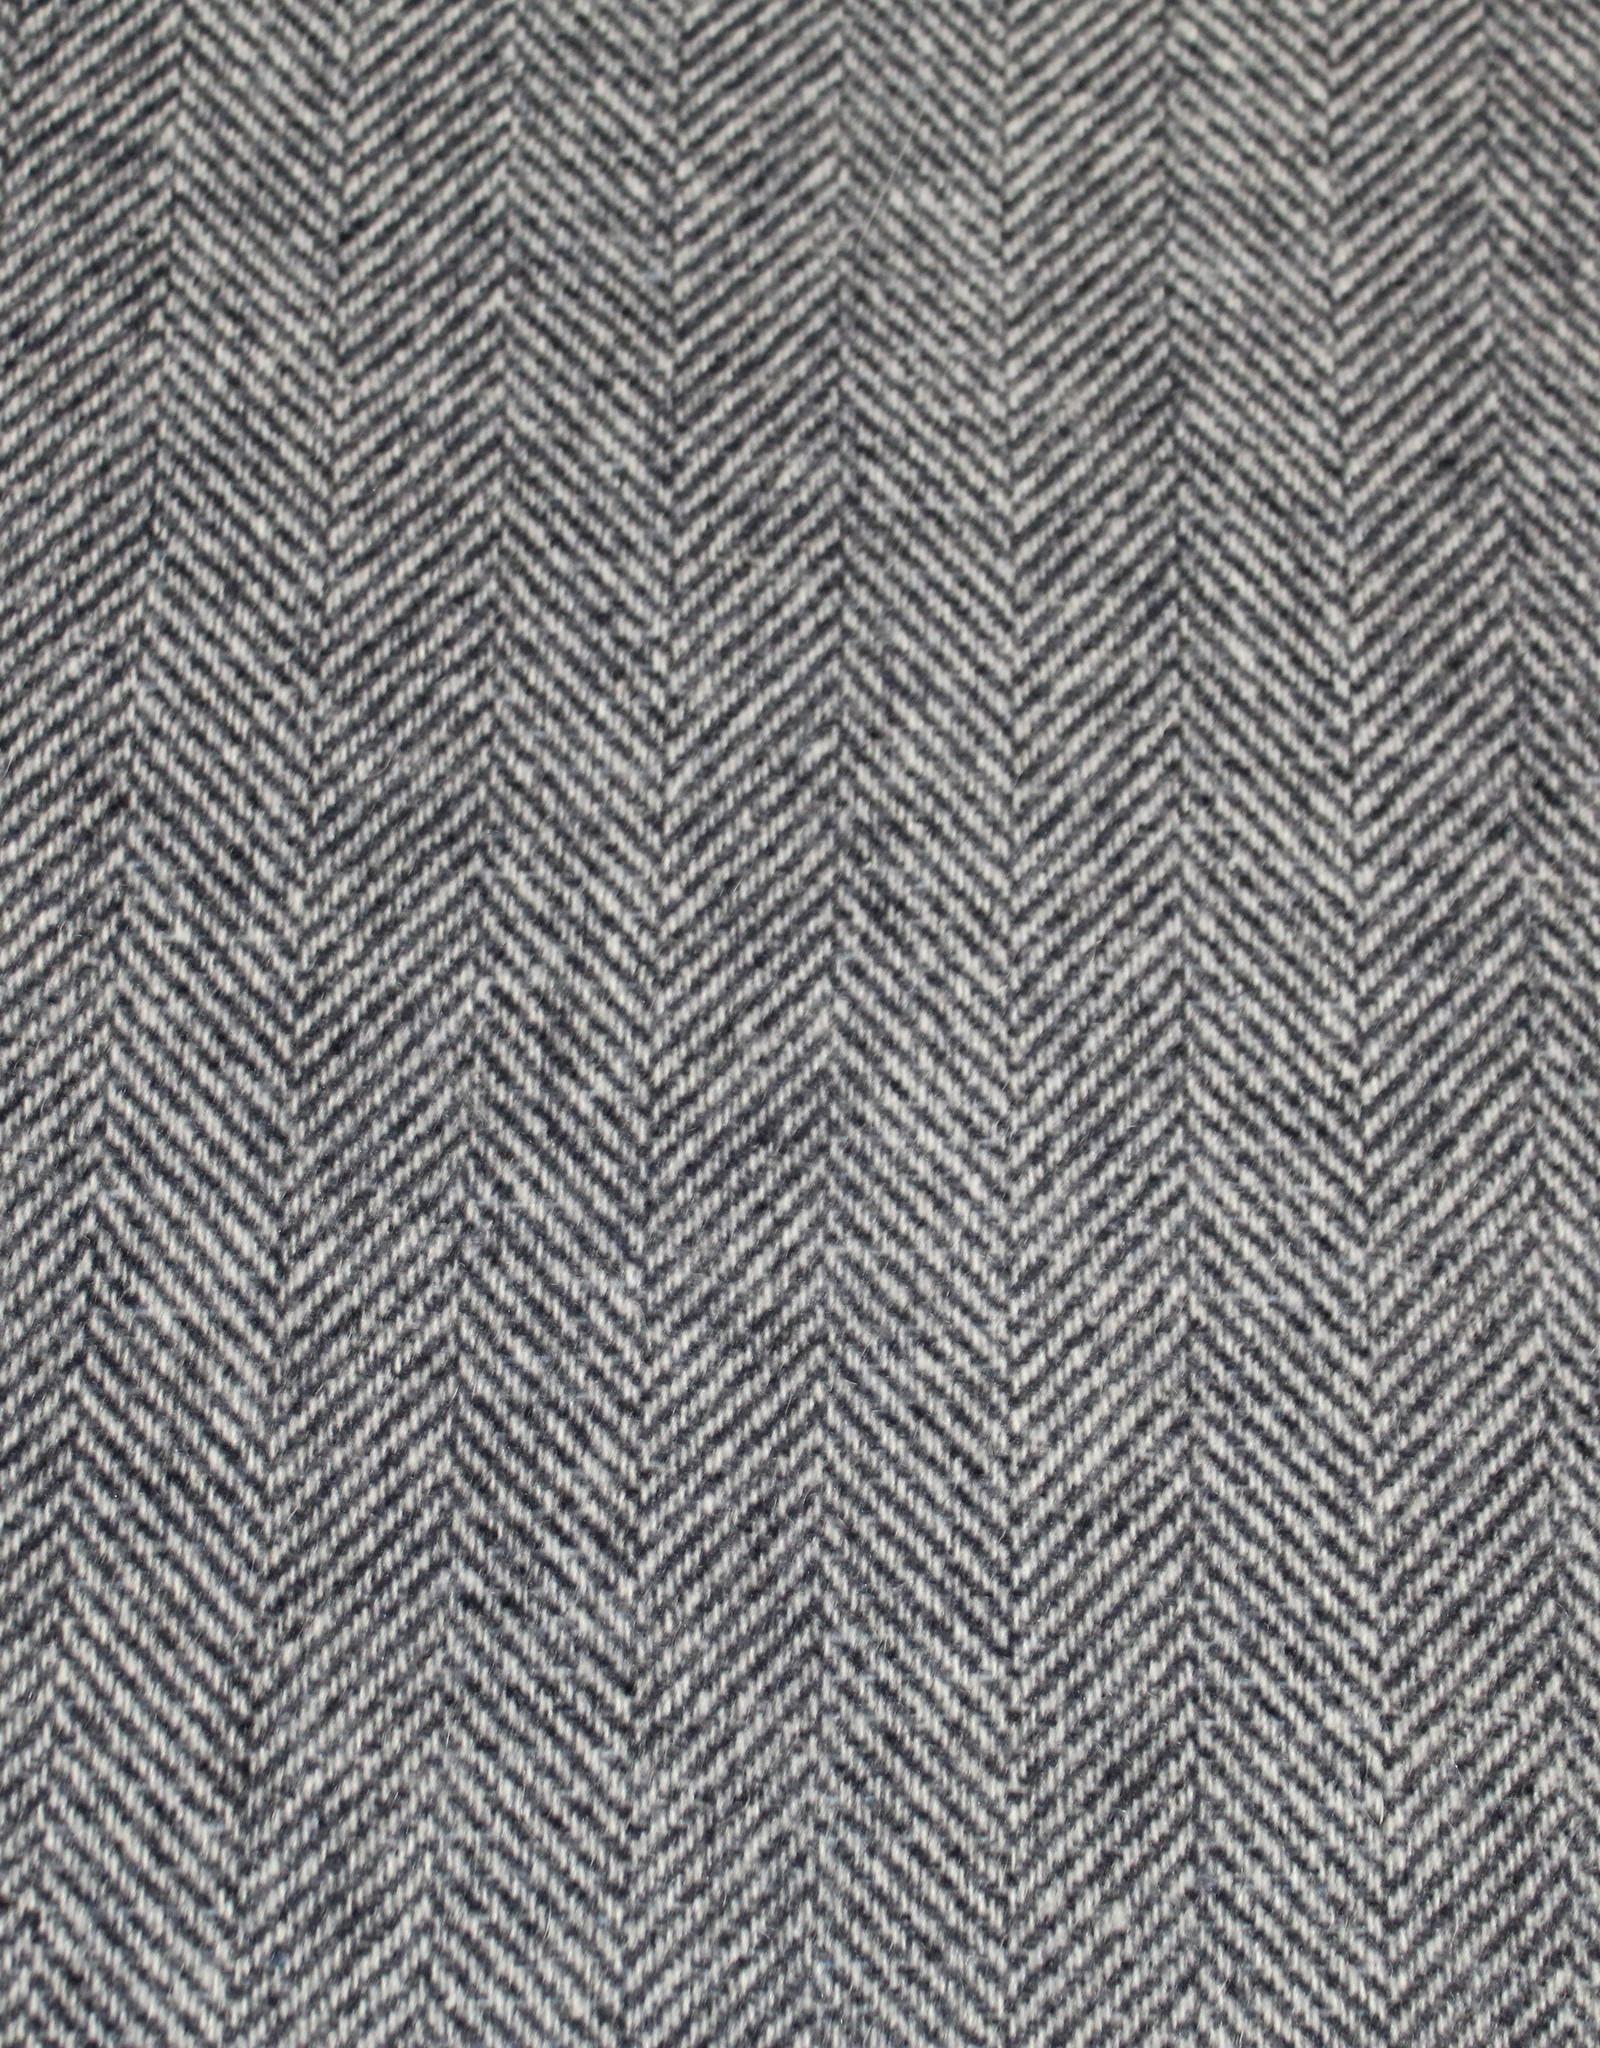 Toptex Mantelstof visgraat  wol grijs-blauw